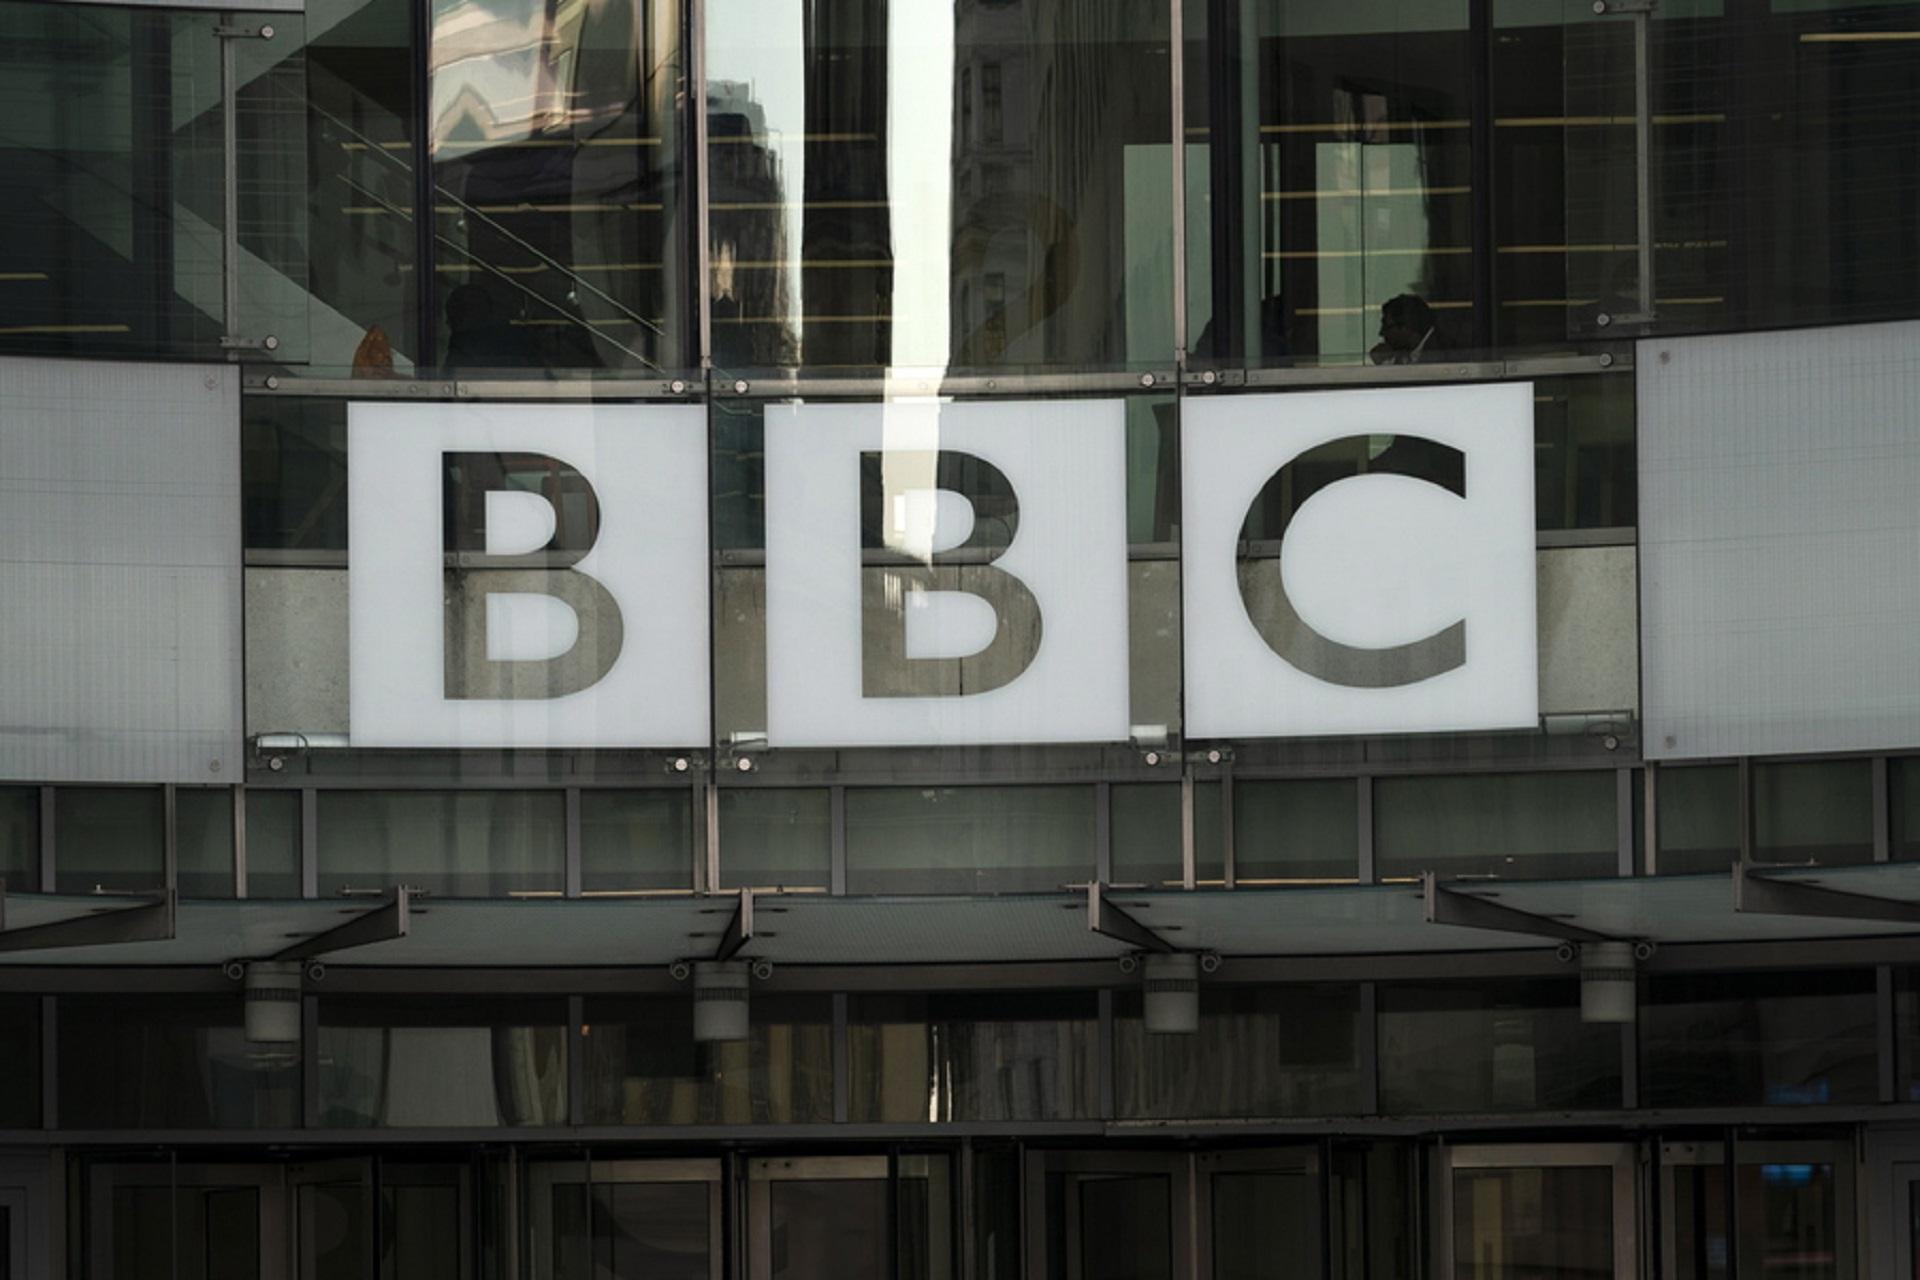 Βρετανία: Νέος πρόεδρος του BBC ο πρώην τραπεζίτης Ρίτσαρντ Σαρπ